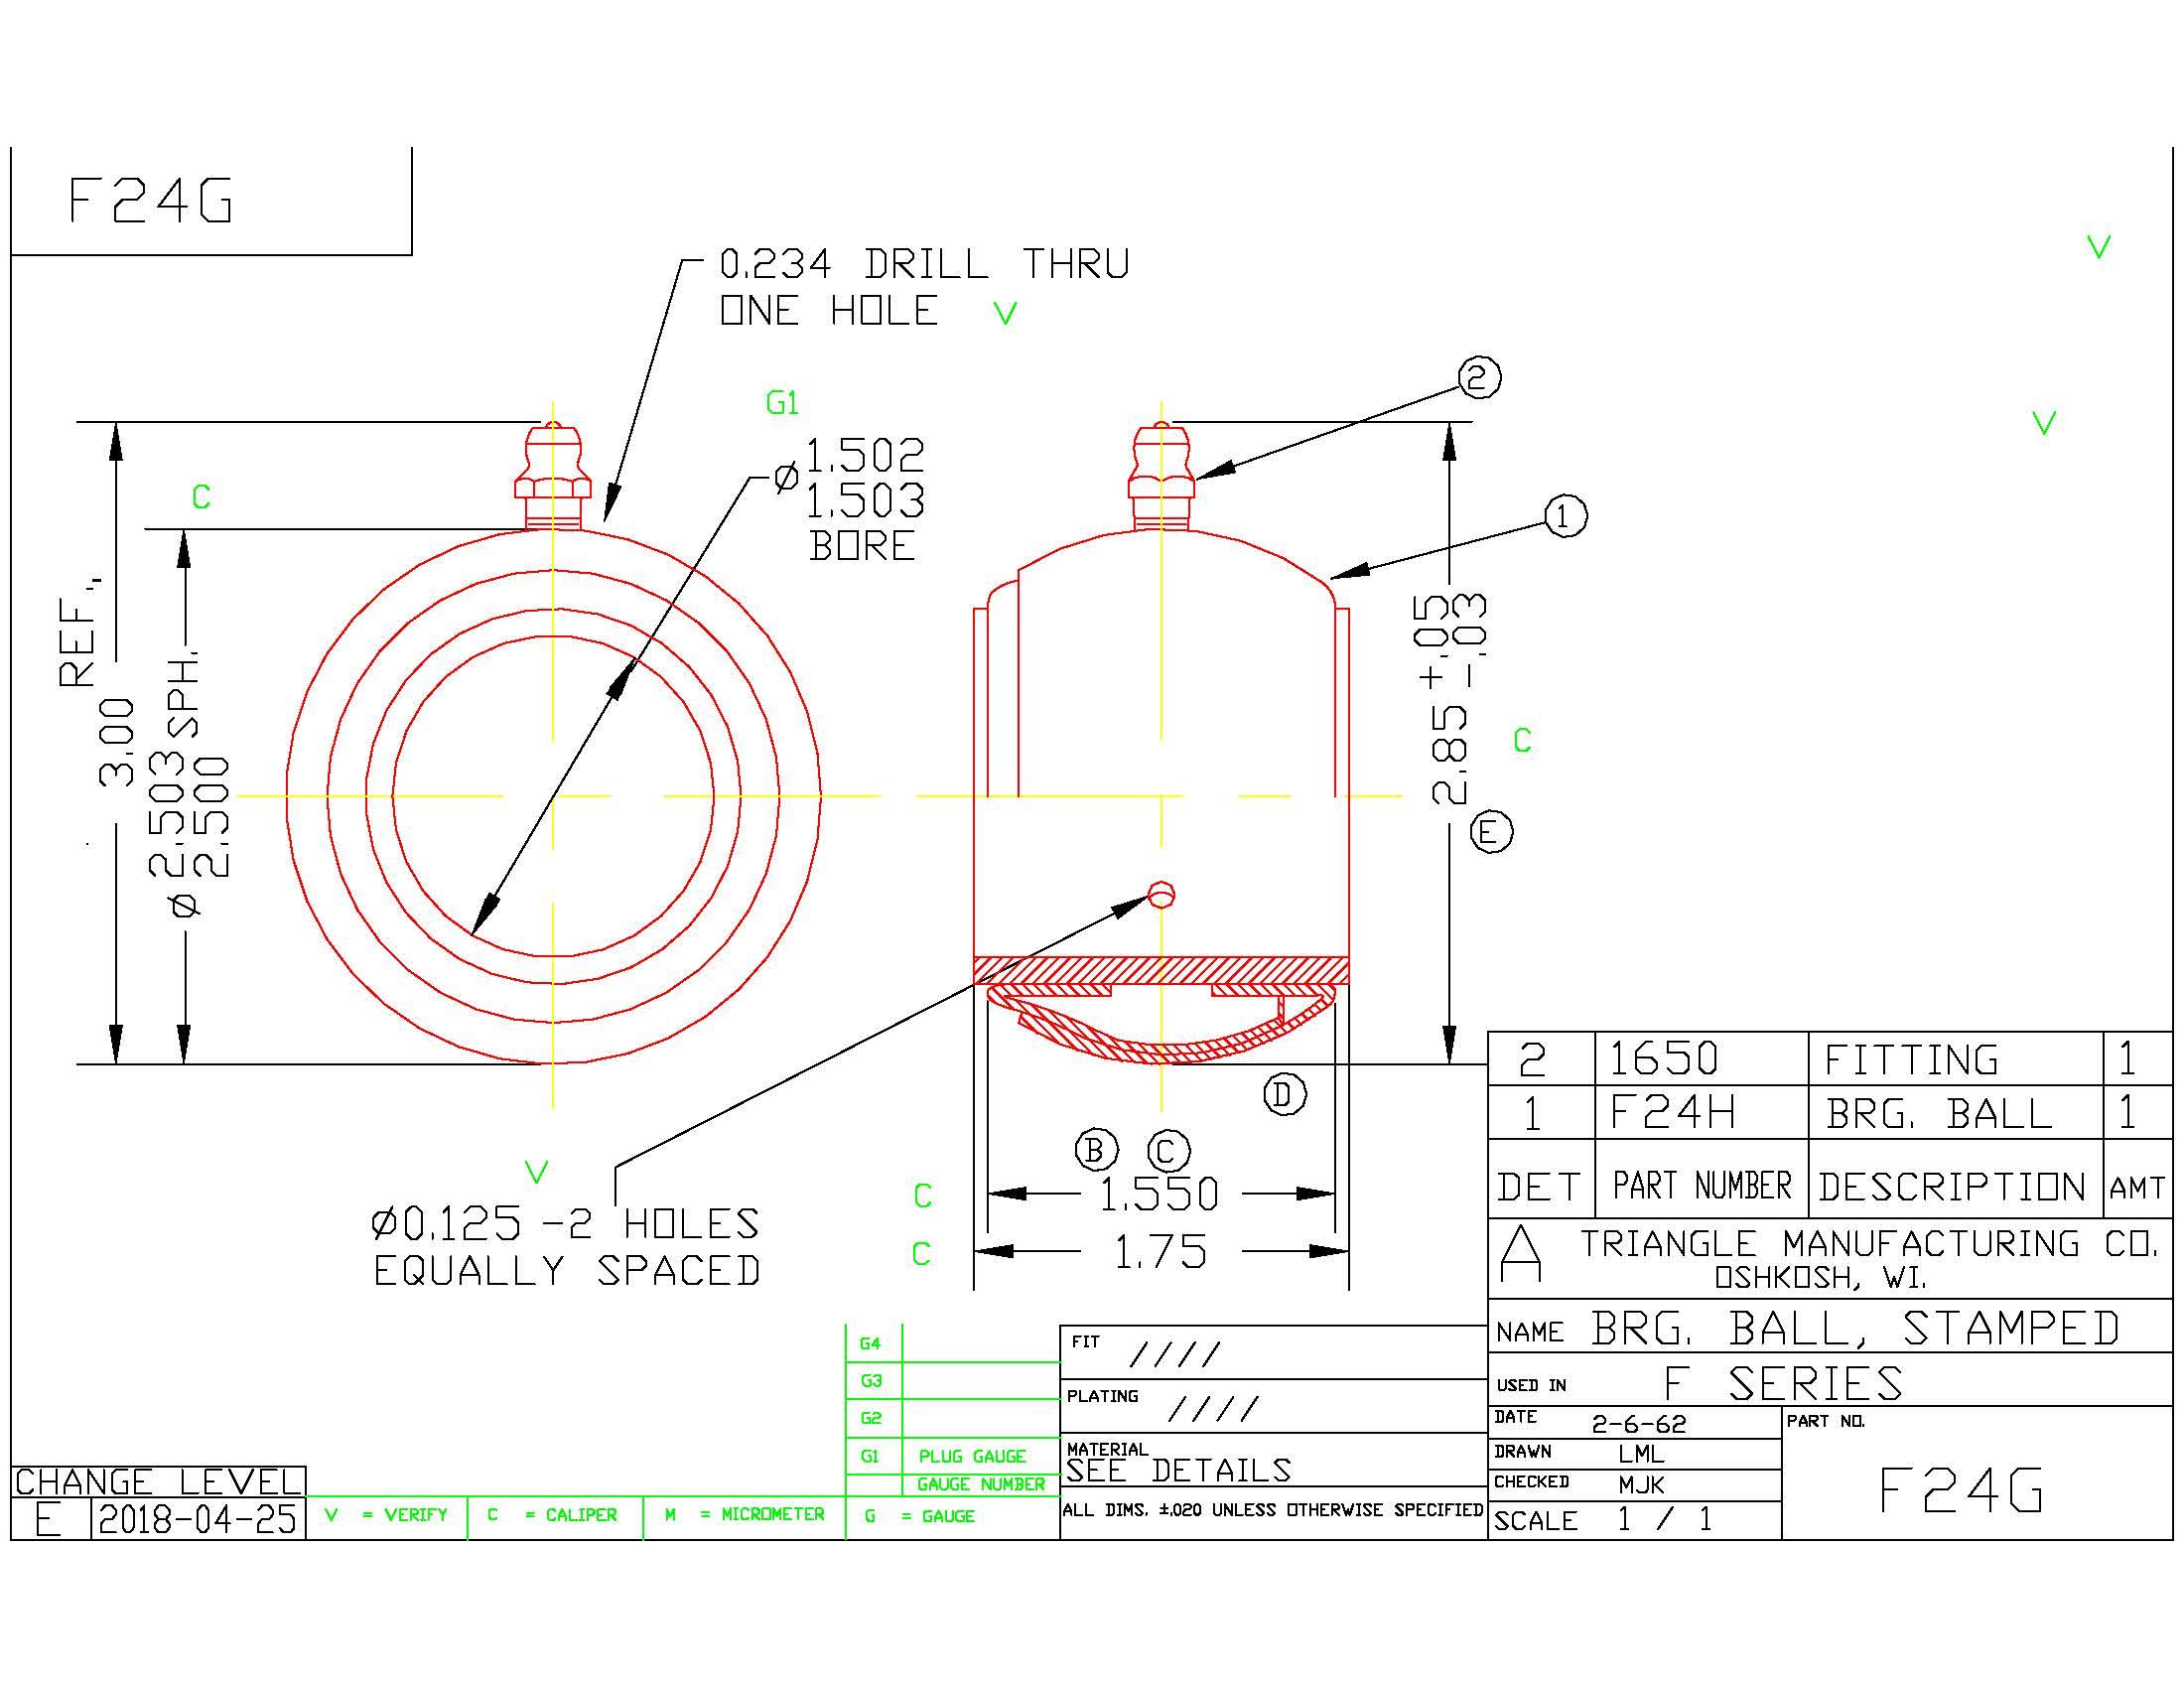 Spherical Plain Bearing F24G